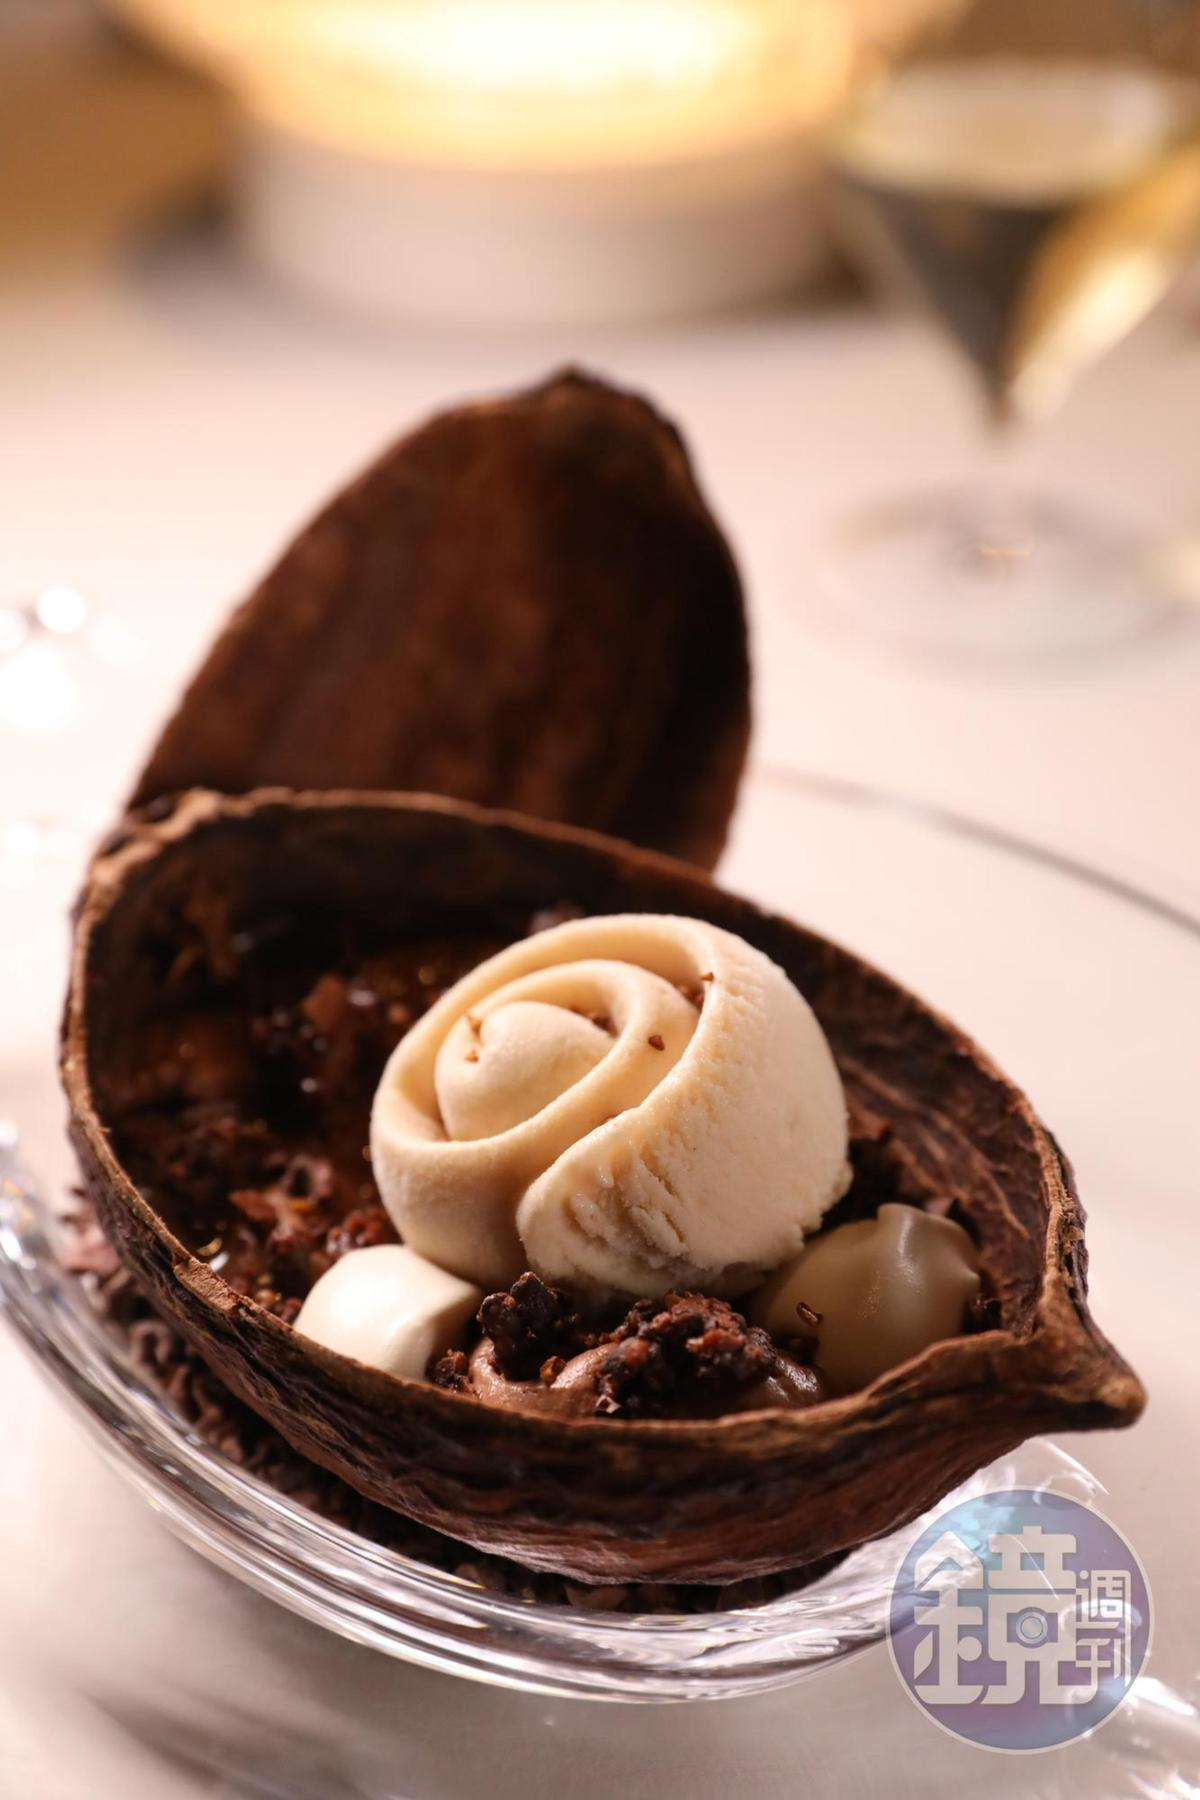 「咖啡、巴黎自家廠房巧克力、烤蕎麥」能吃到杜卡斯在巴黎自設巧克力工坊的作品搭配香濃的蕎麥冰淇淋。(澳門幣188元/份,約NT$719)